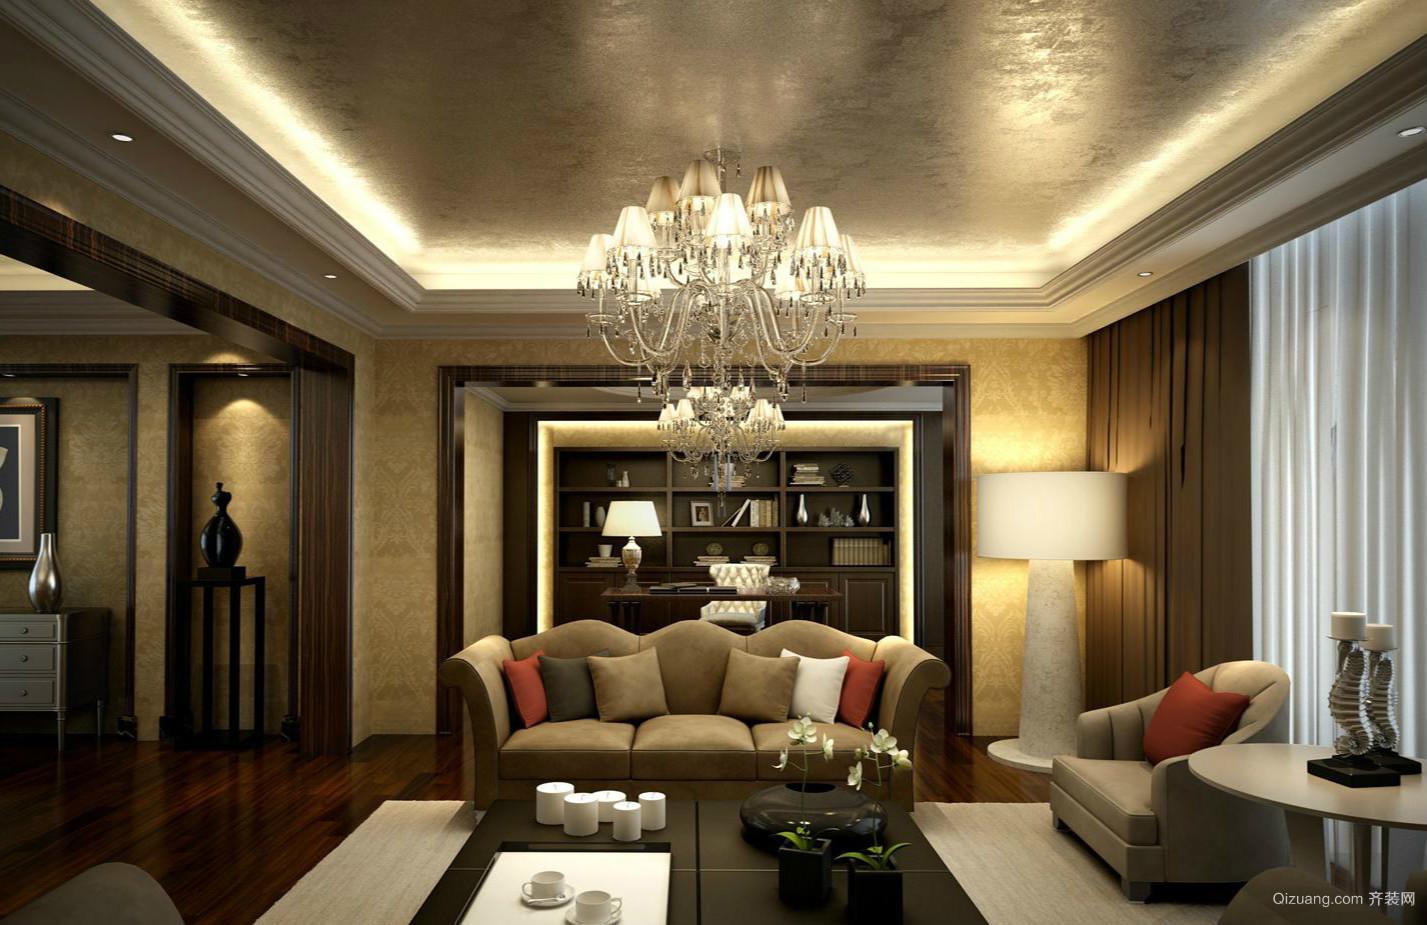 220平米家居古典开放式书房设计效果图